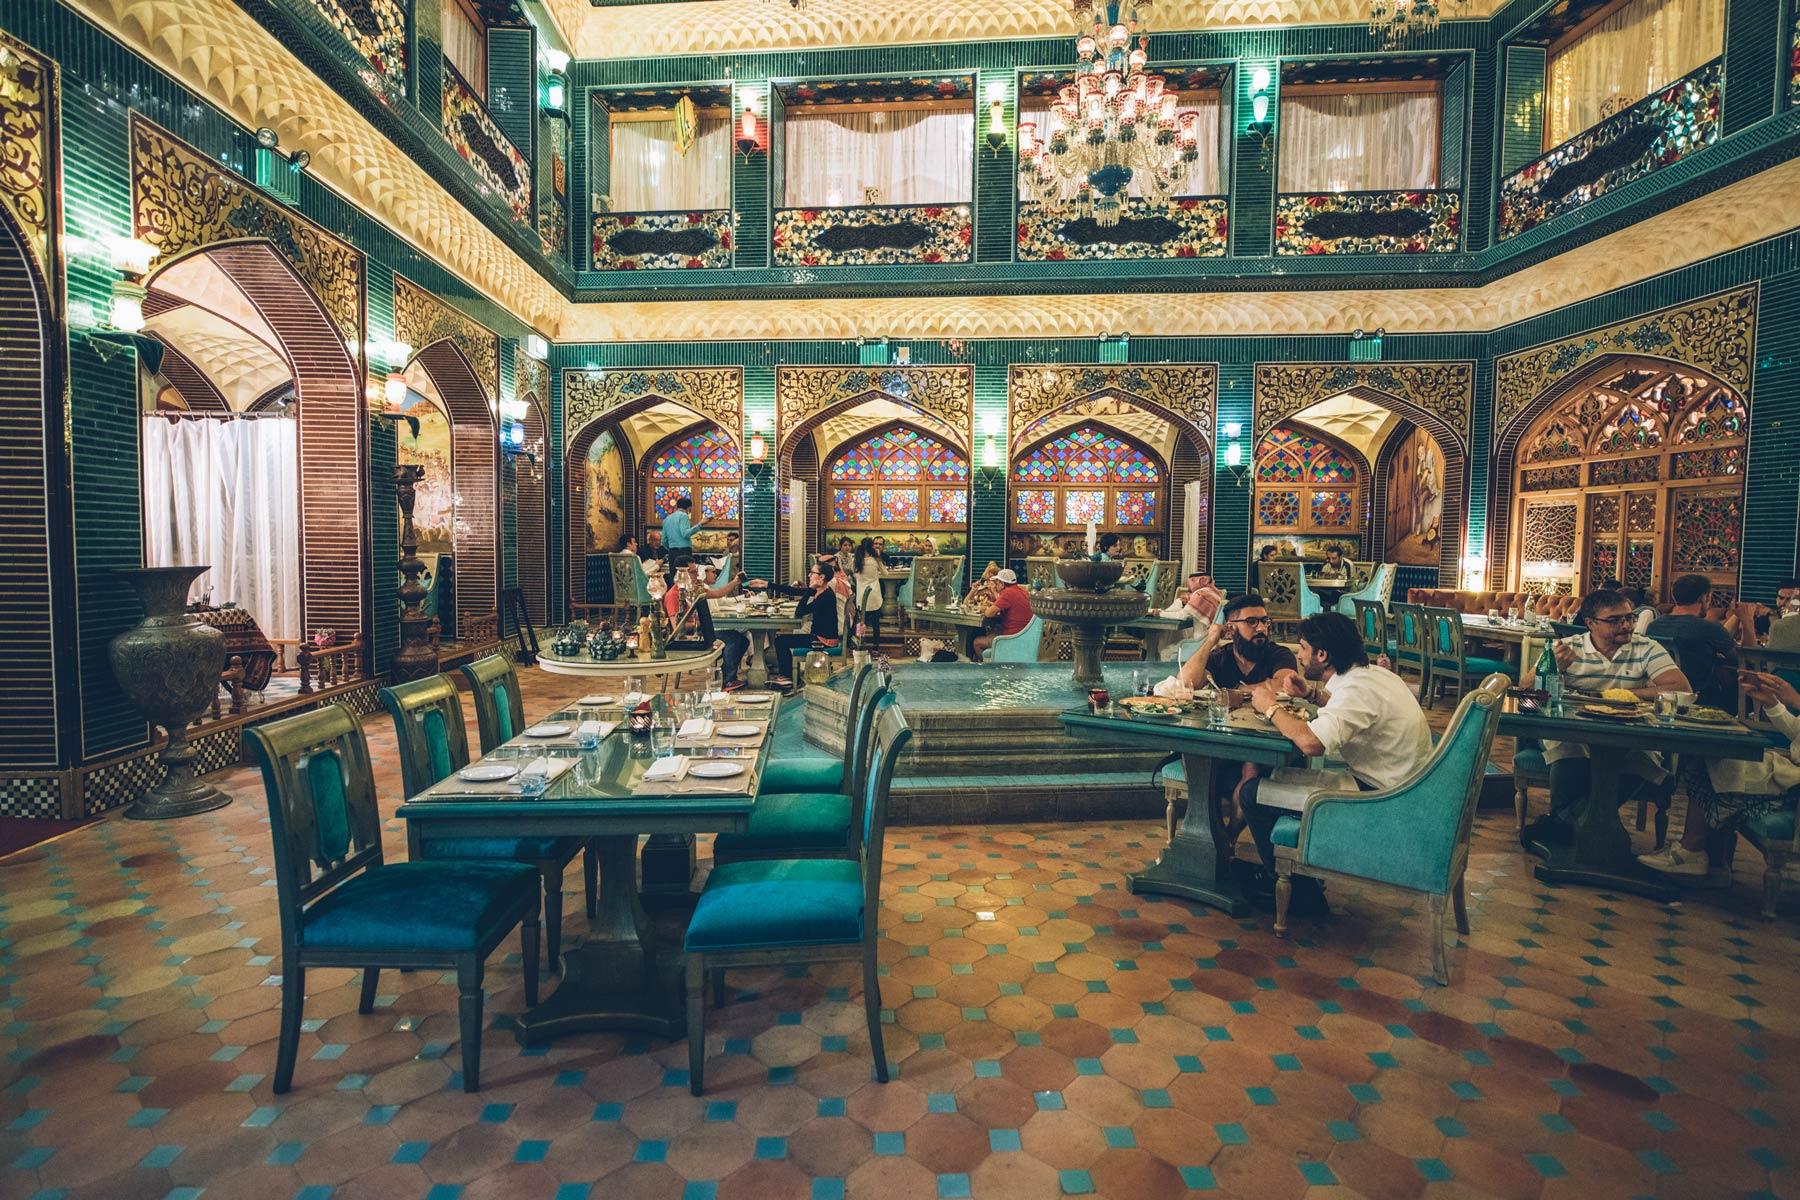 Top Restaurant perse Doha: Al Parisa, souq waqif